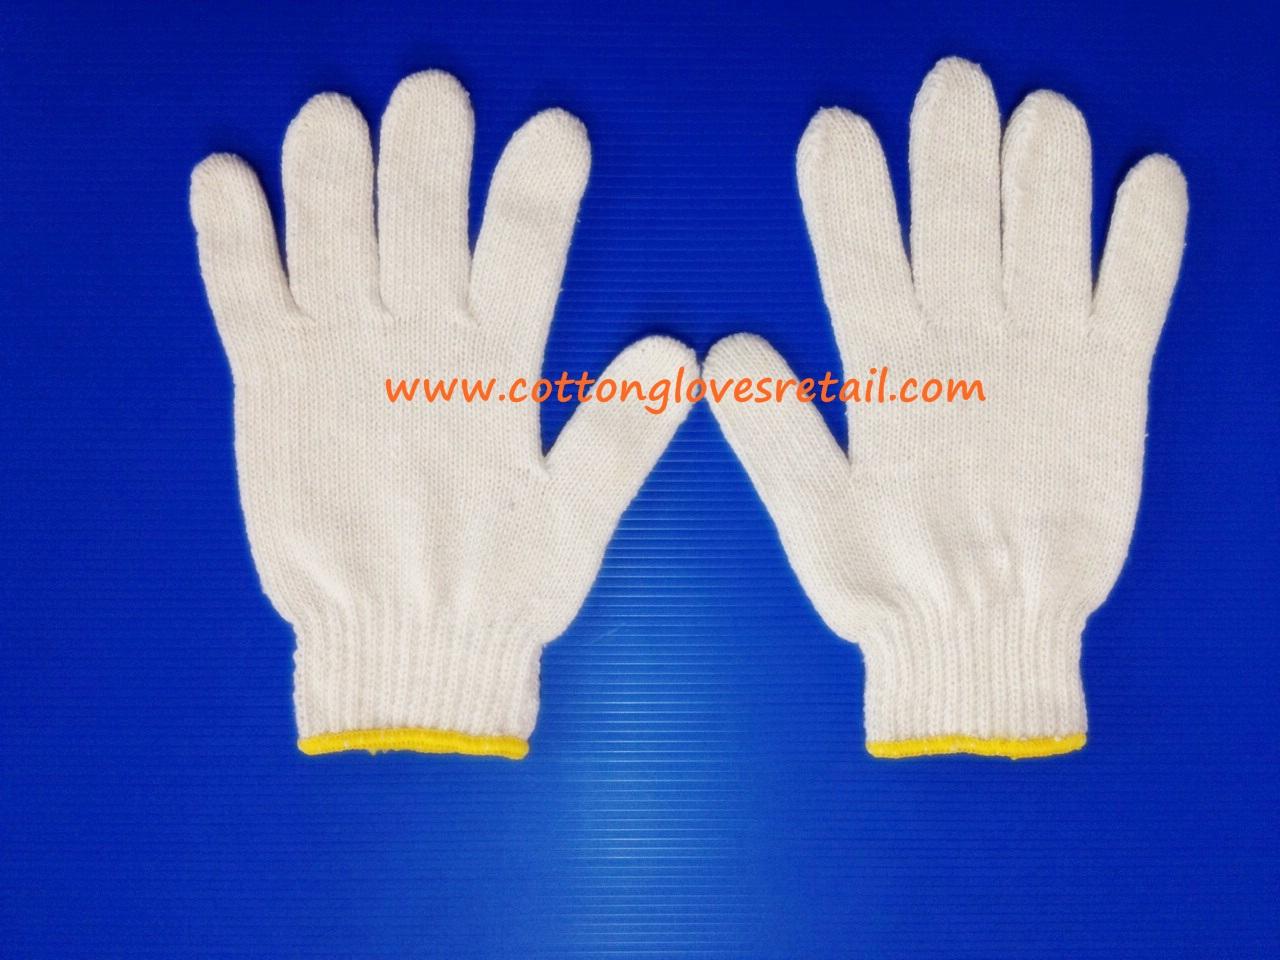 ถุงมือผ้าฝ้ายขนาด 600 กรัม จำนวน 10 โหล